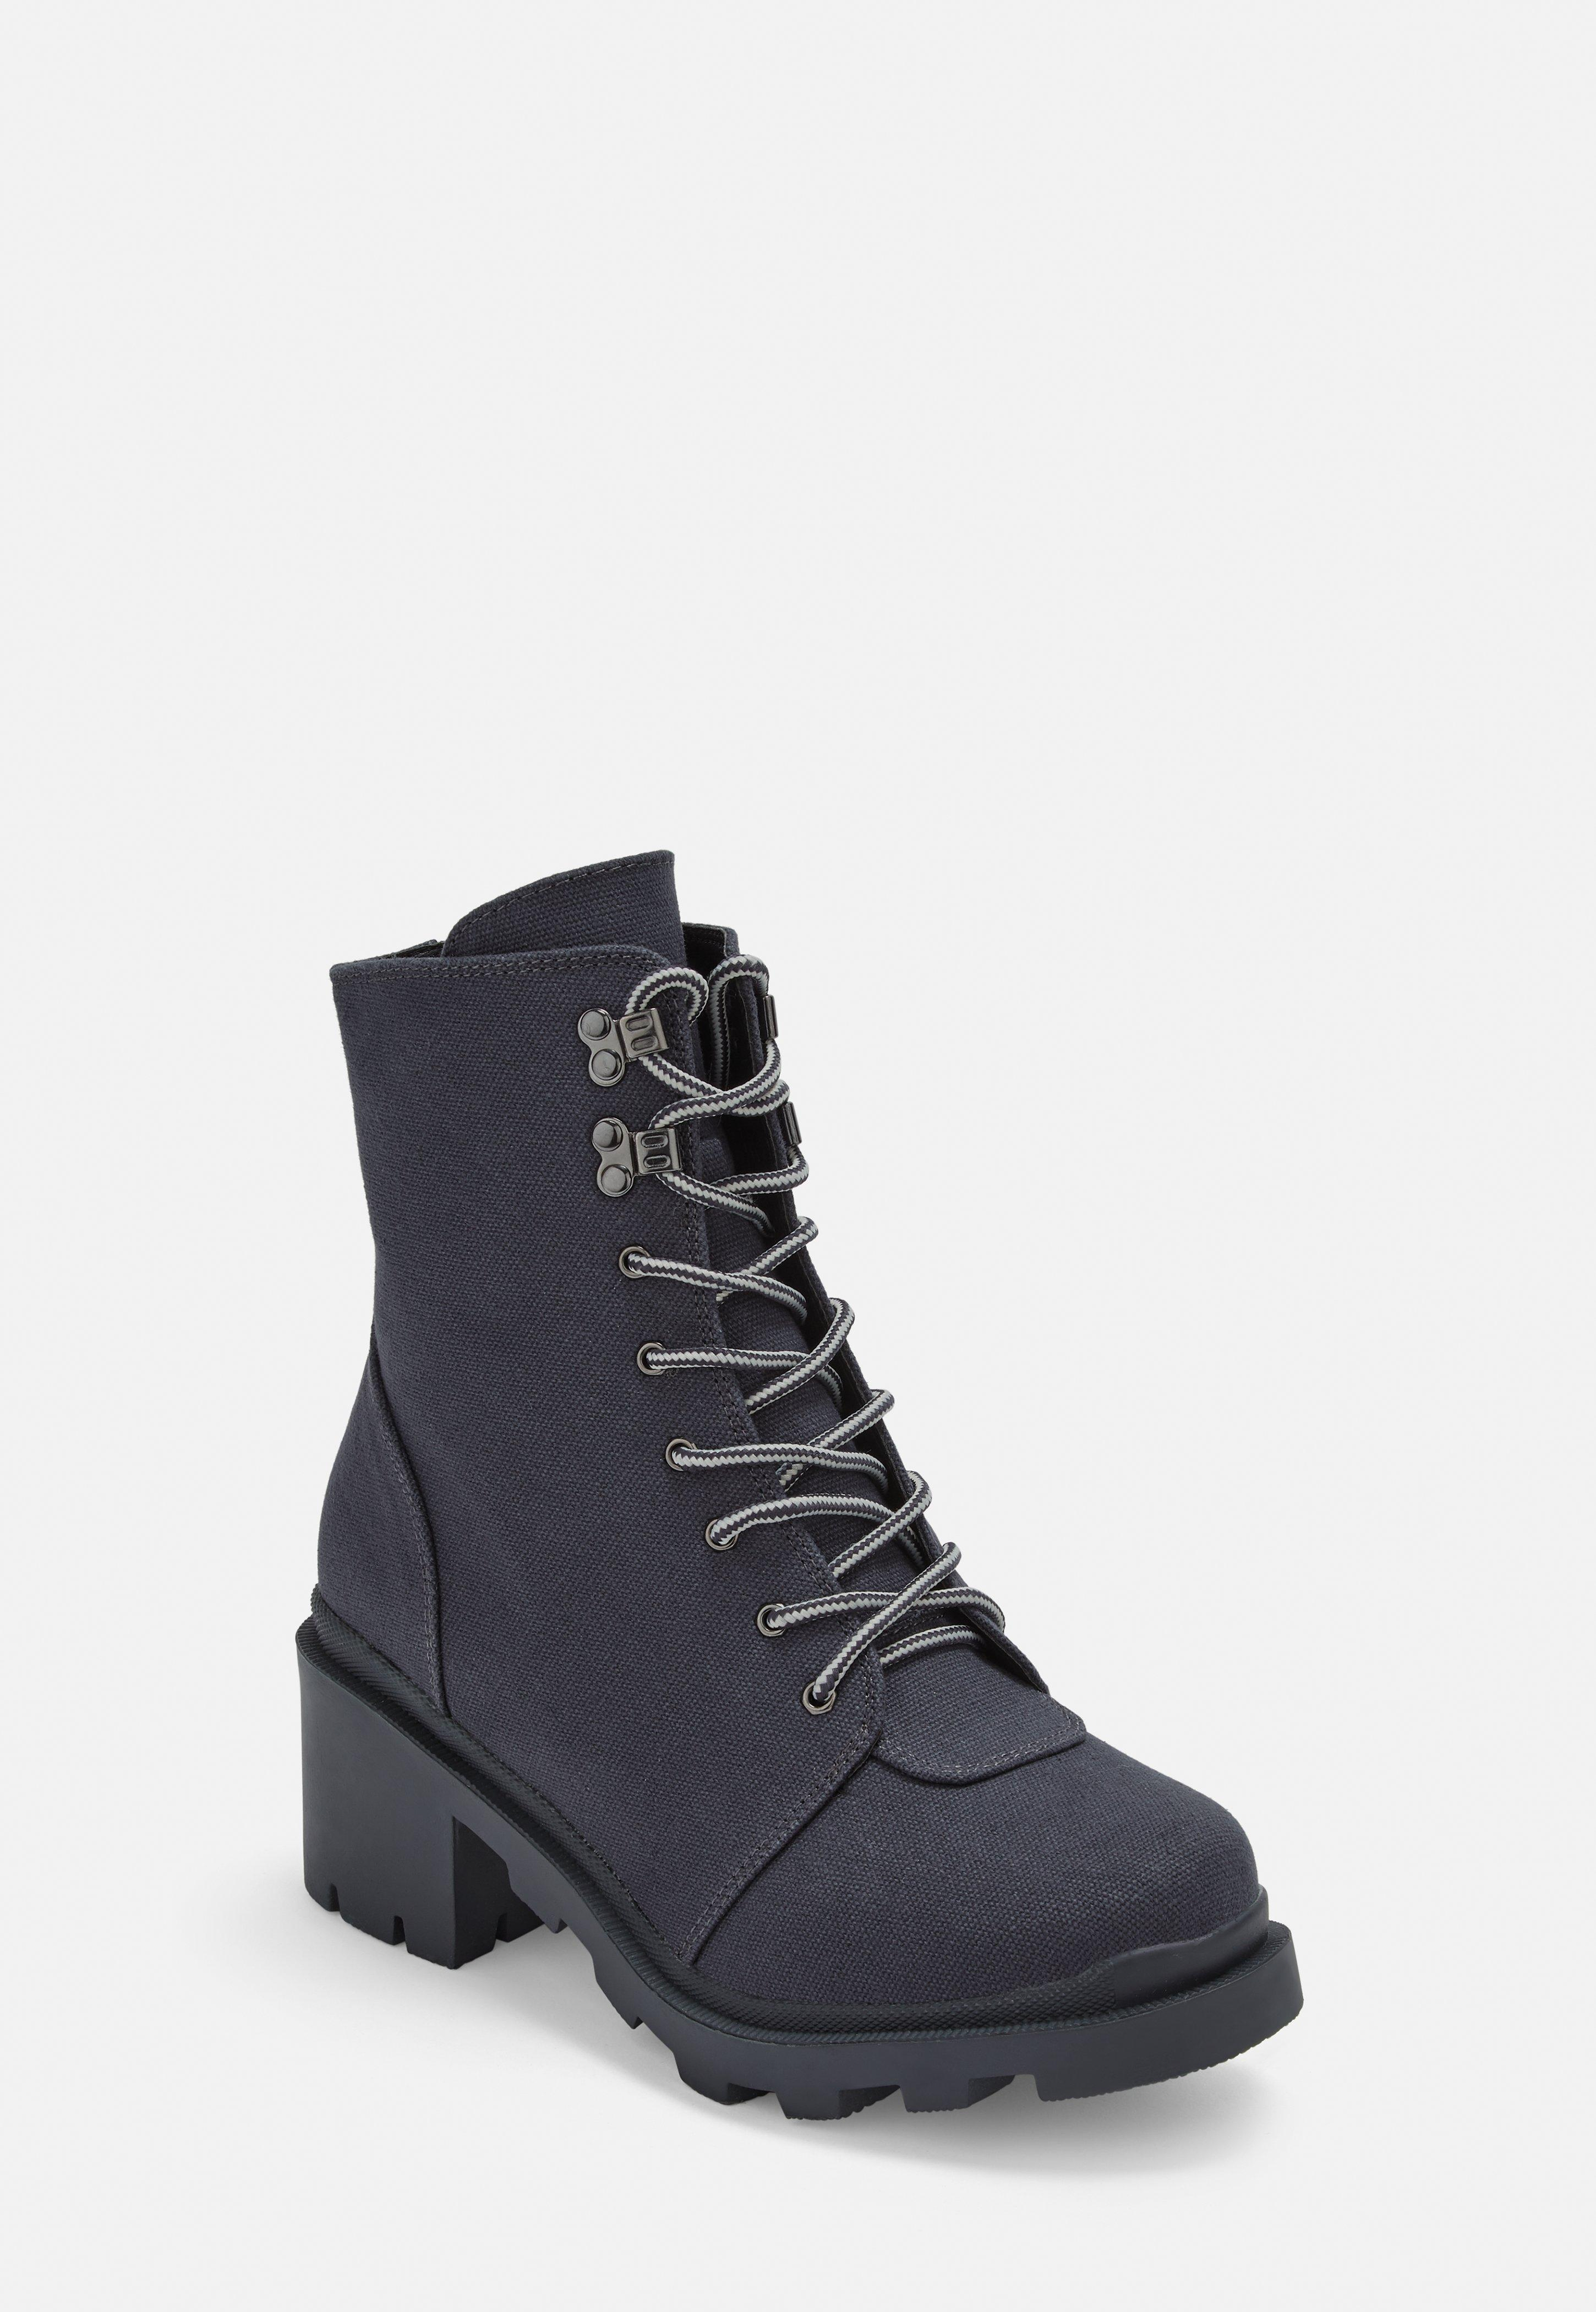 6abfe7059426af Boots femme | Boots noires & camel en ligne - Missguided